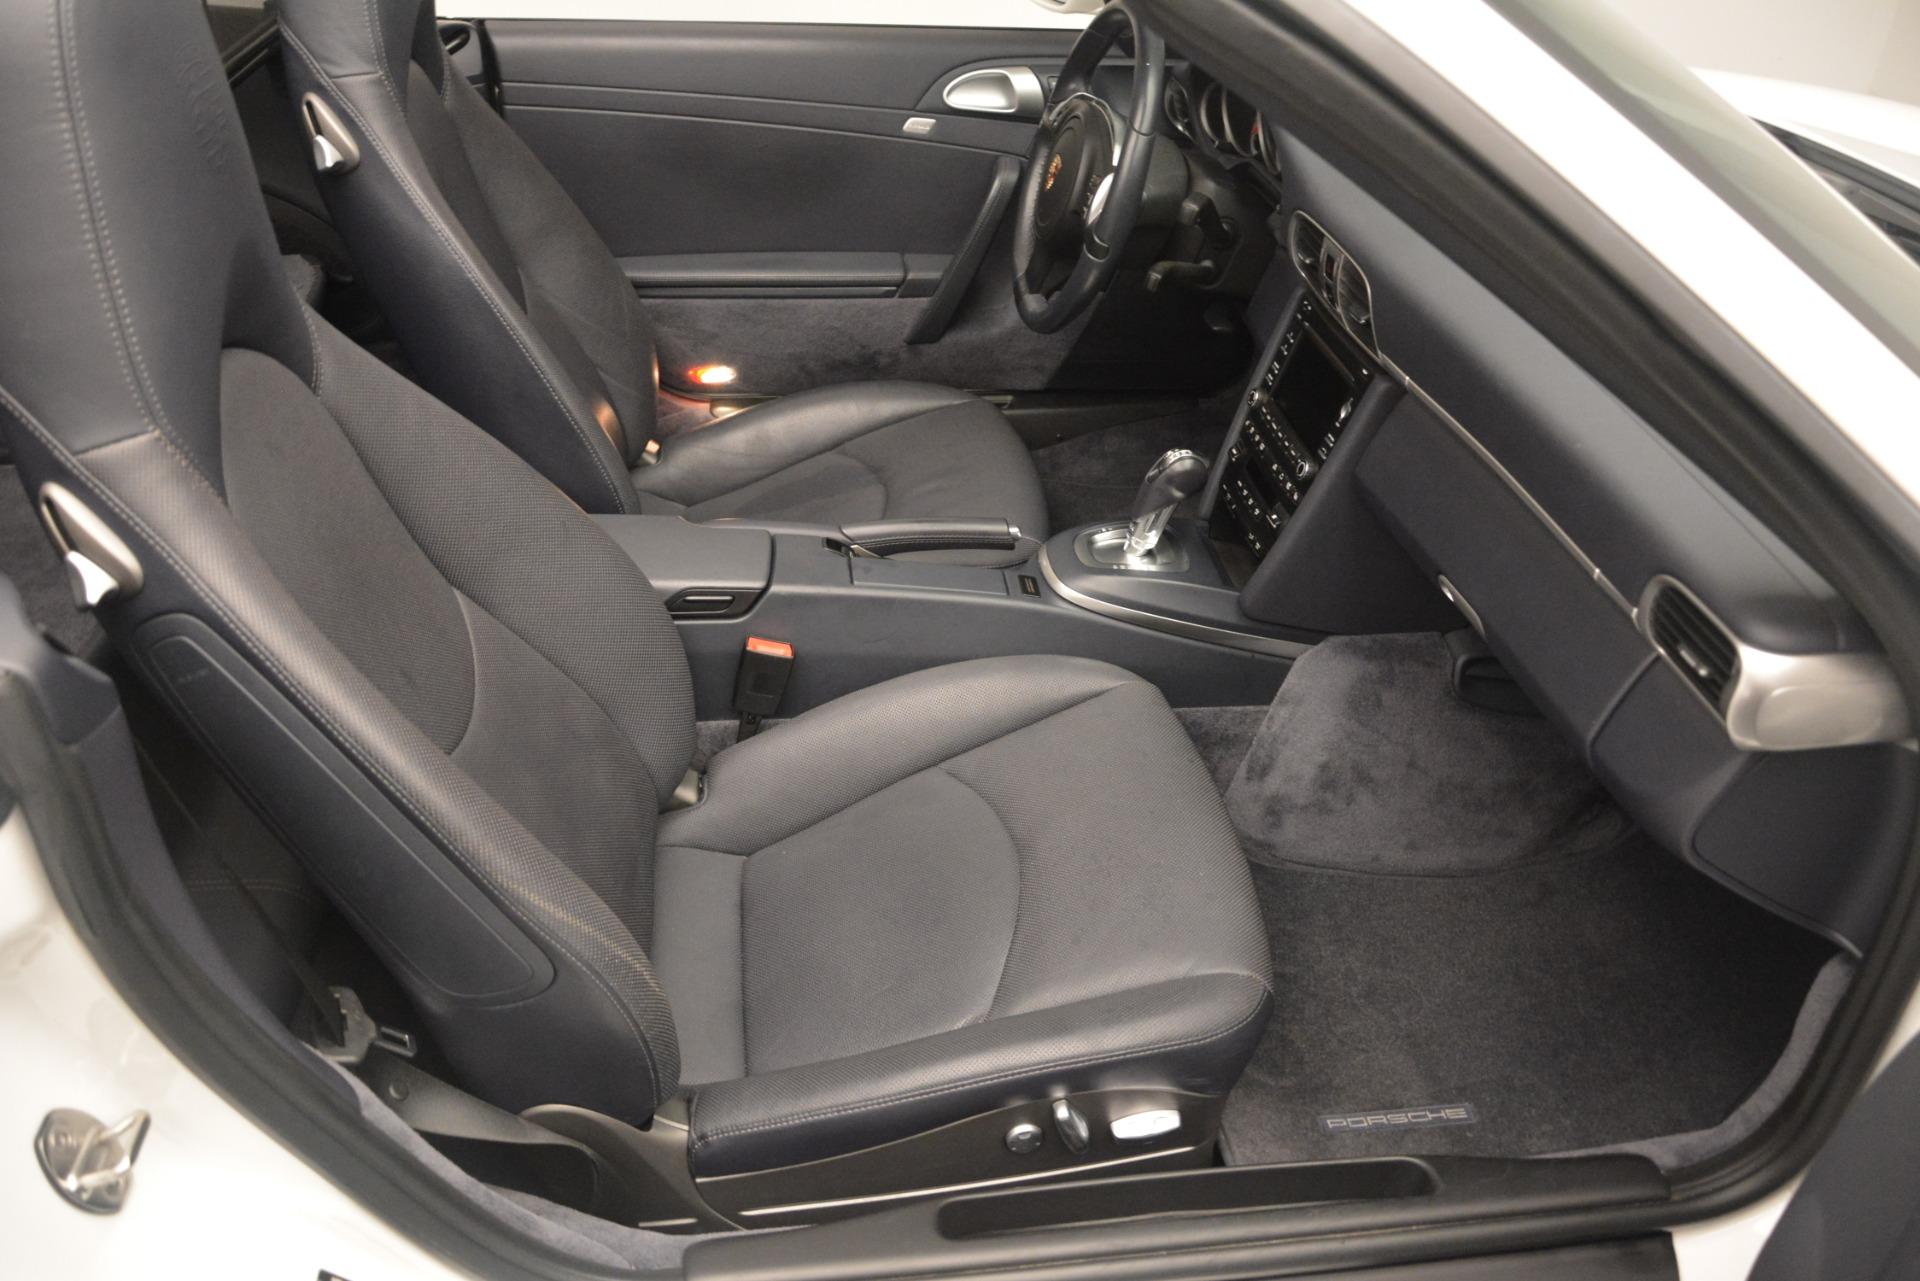 Used 2011 Porsche 911 Carrera 4S For Sale In Westport, CT 2600_p23